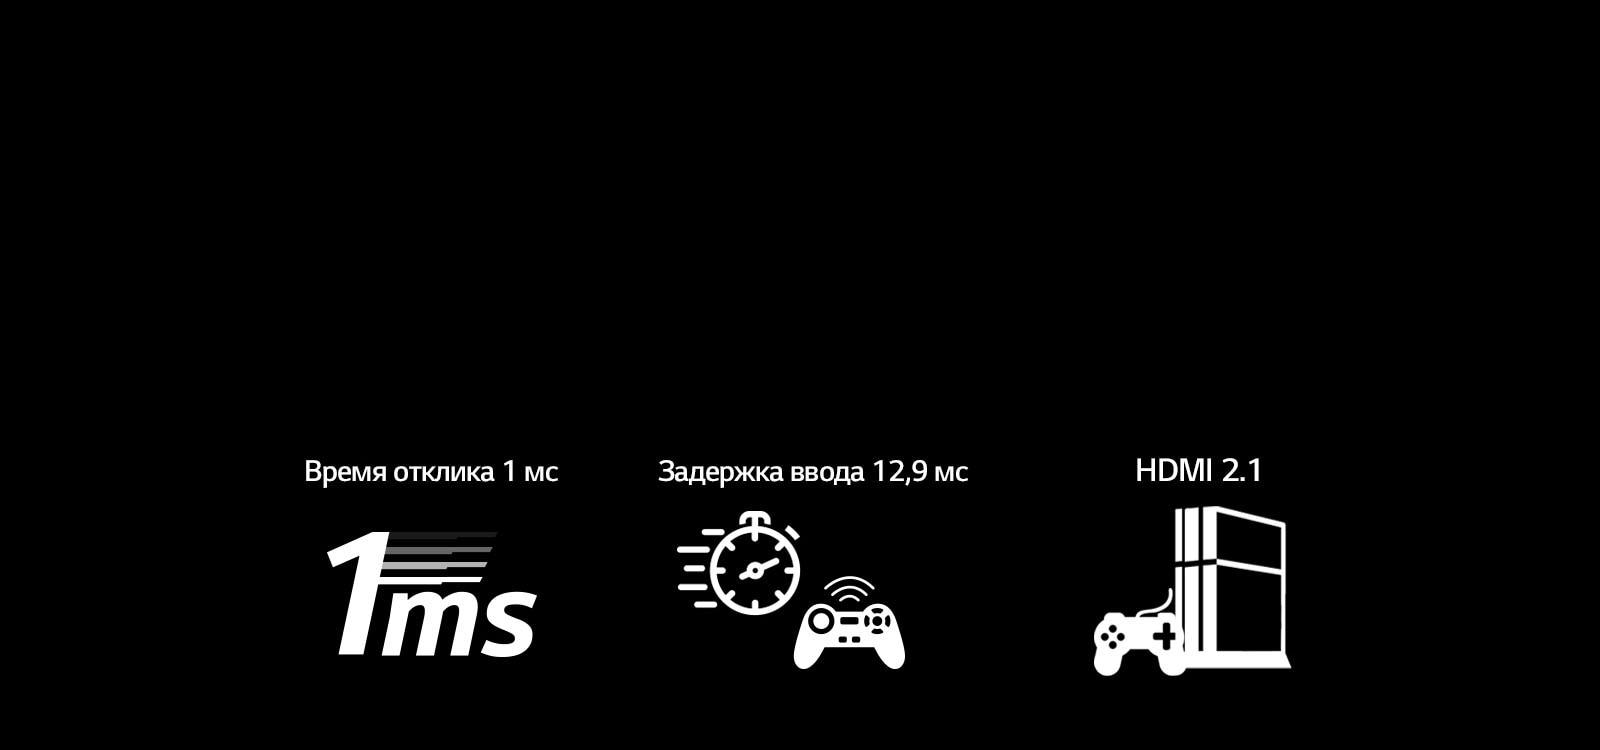 TV-OLED-E9-Gaming-2-Desktop